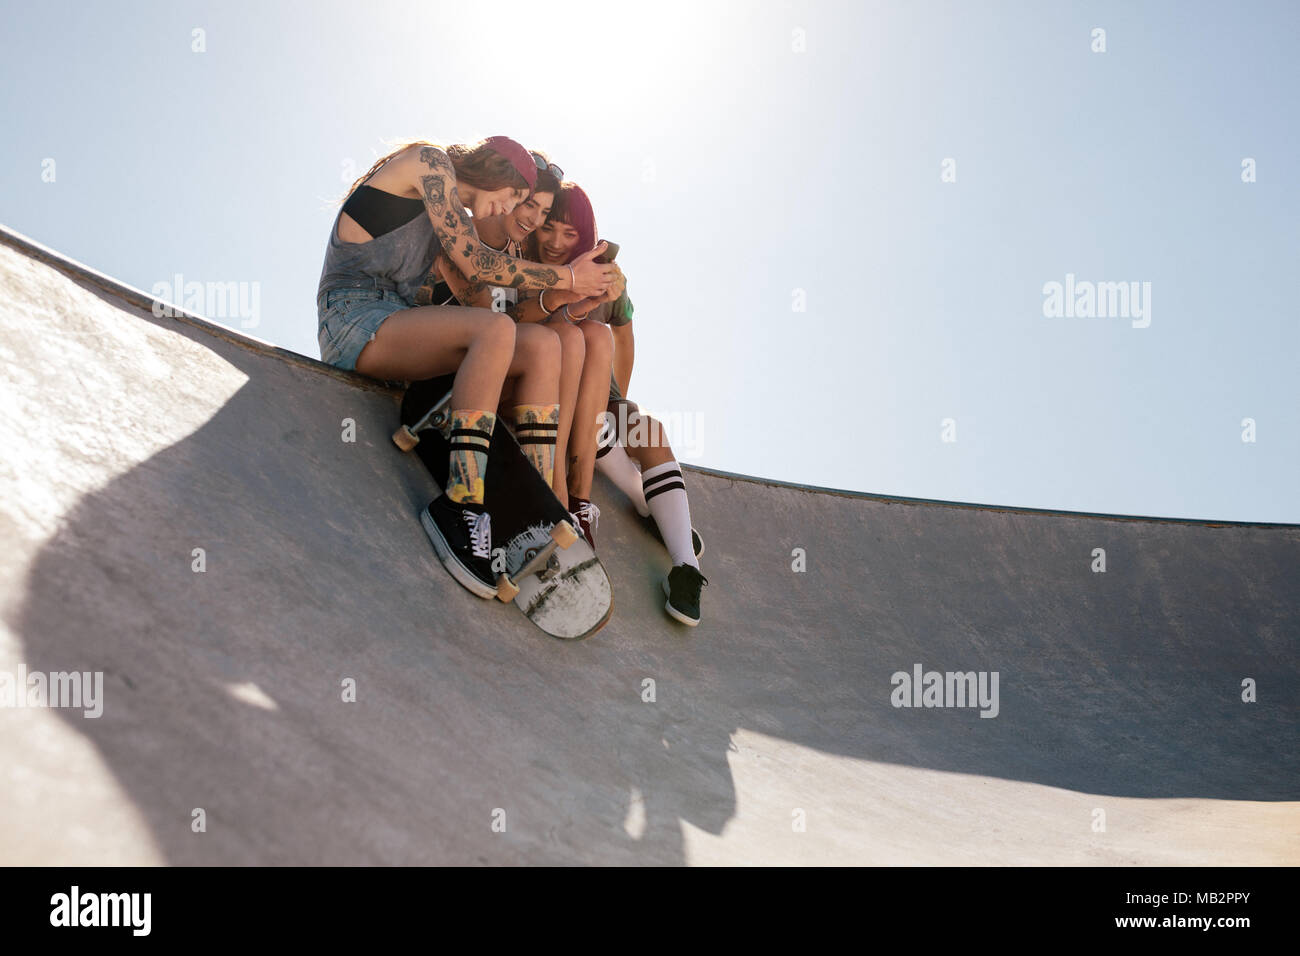 Grupo de mujeres a través de teléfono móvil en el parque de skate.  Patinadores femenino 36c7794d3c9